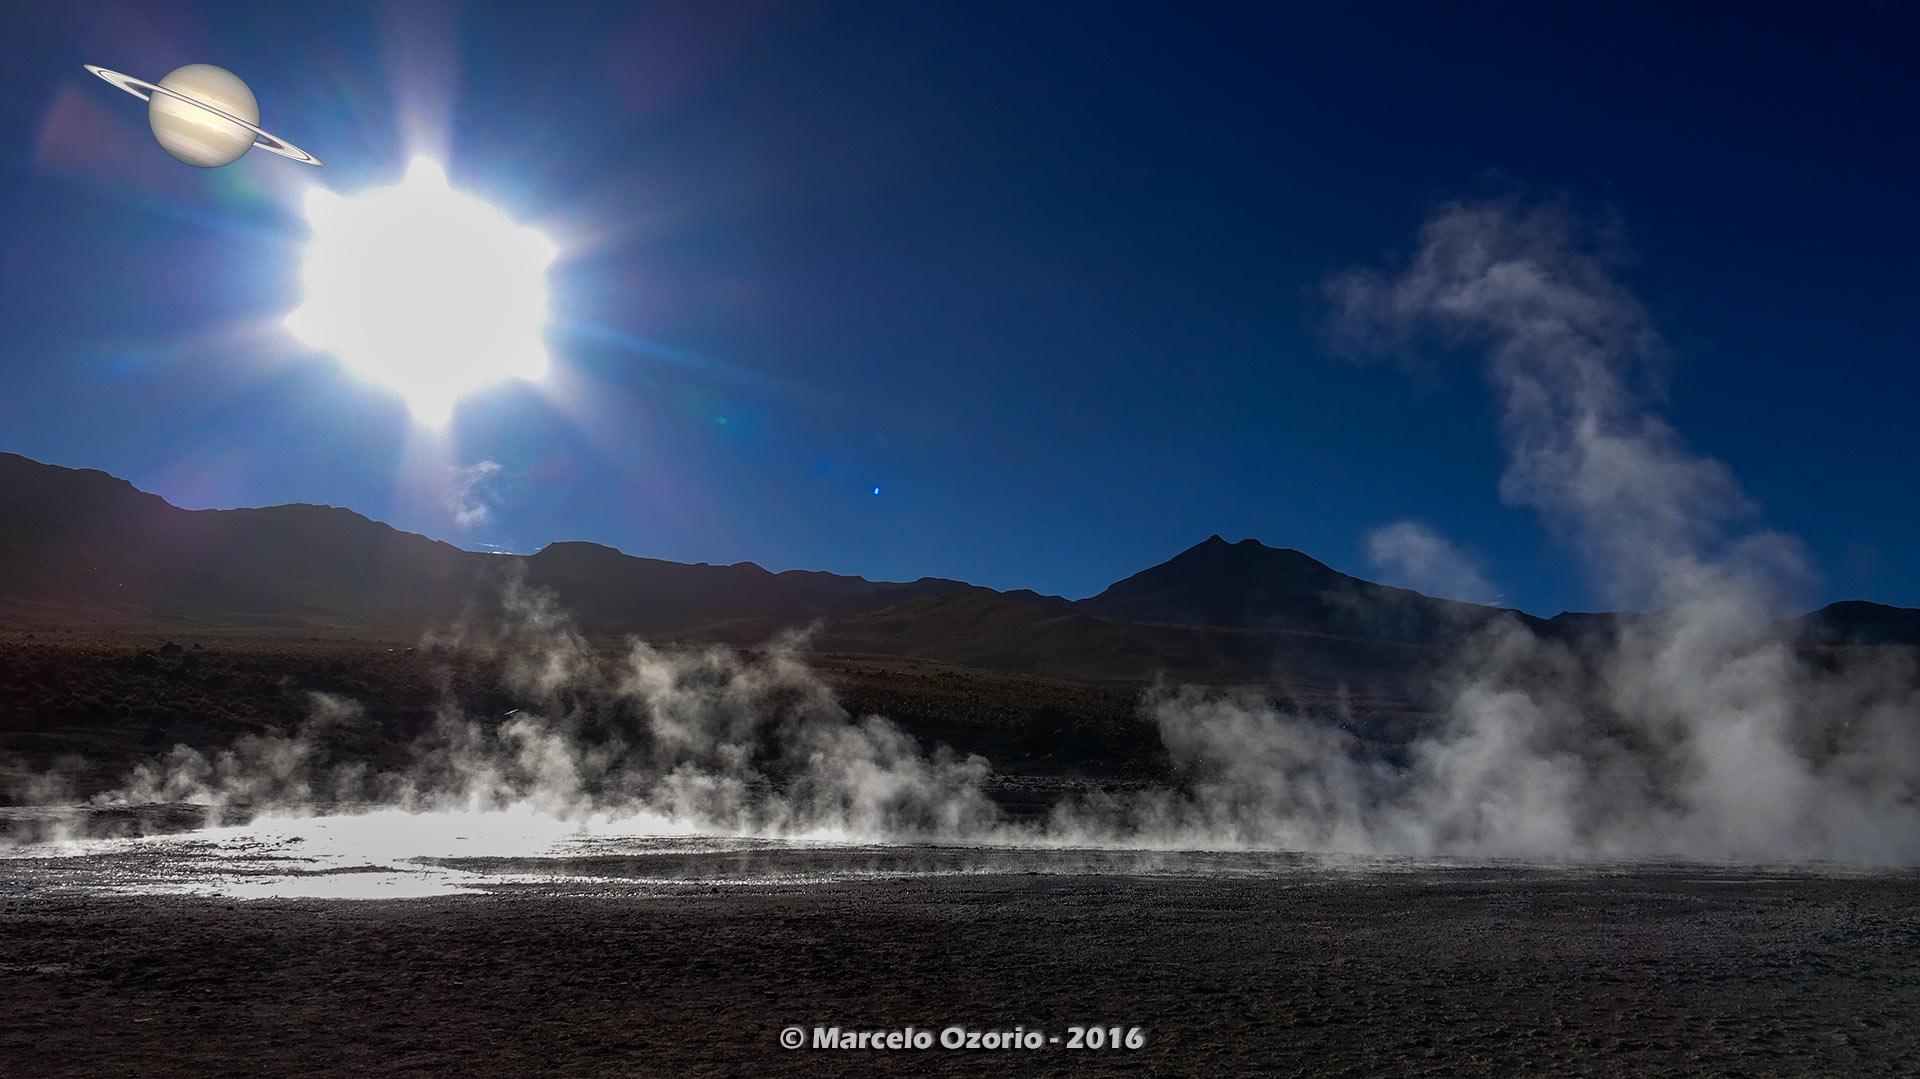 el tatio geysers atacama desert 26 - The Surreal El Tatio Geysers - Atacama Desert - Chile